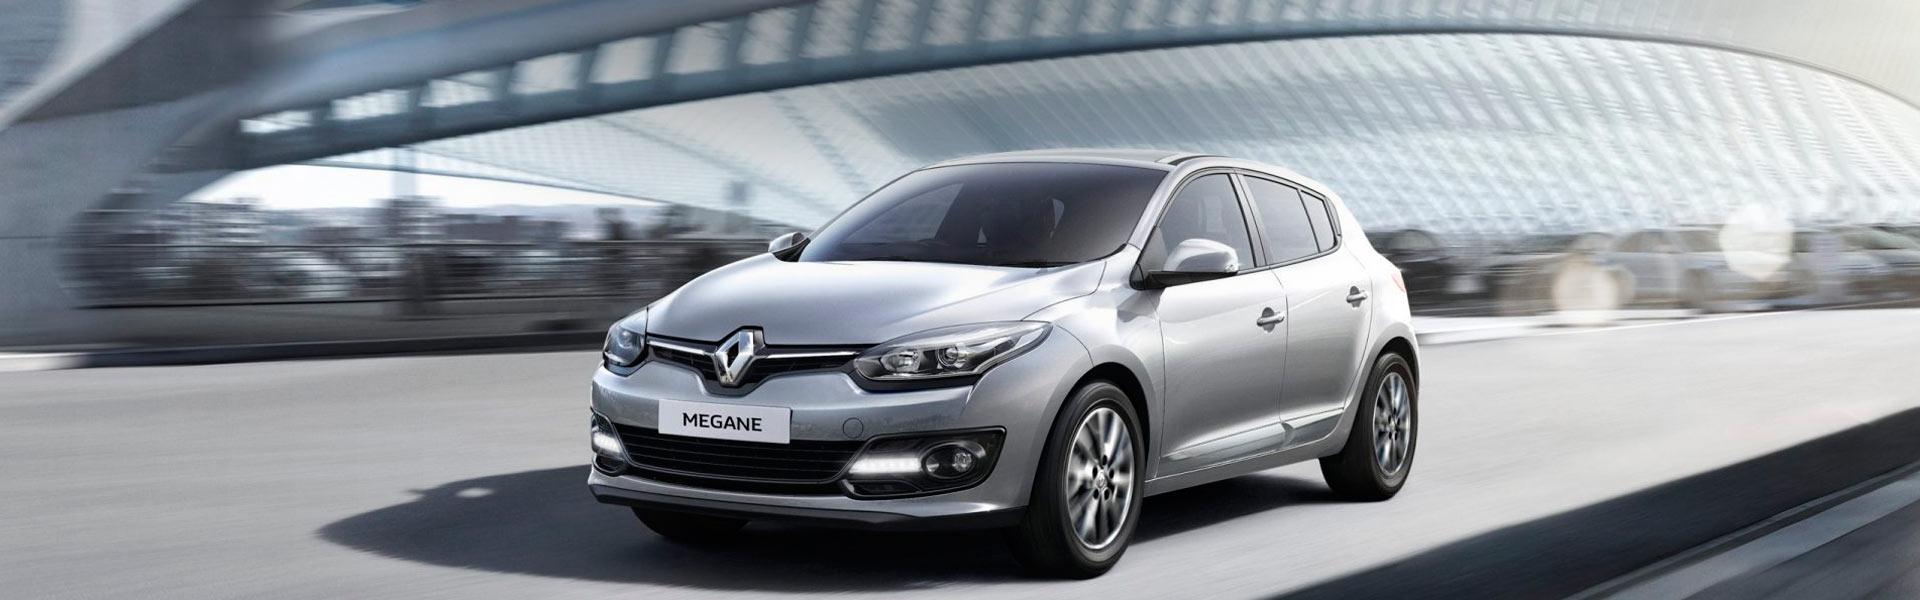 Сервис Renault Megane